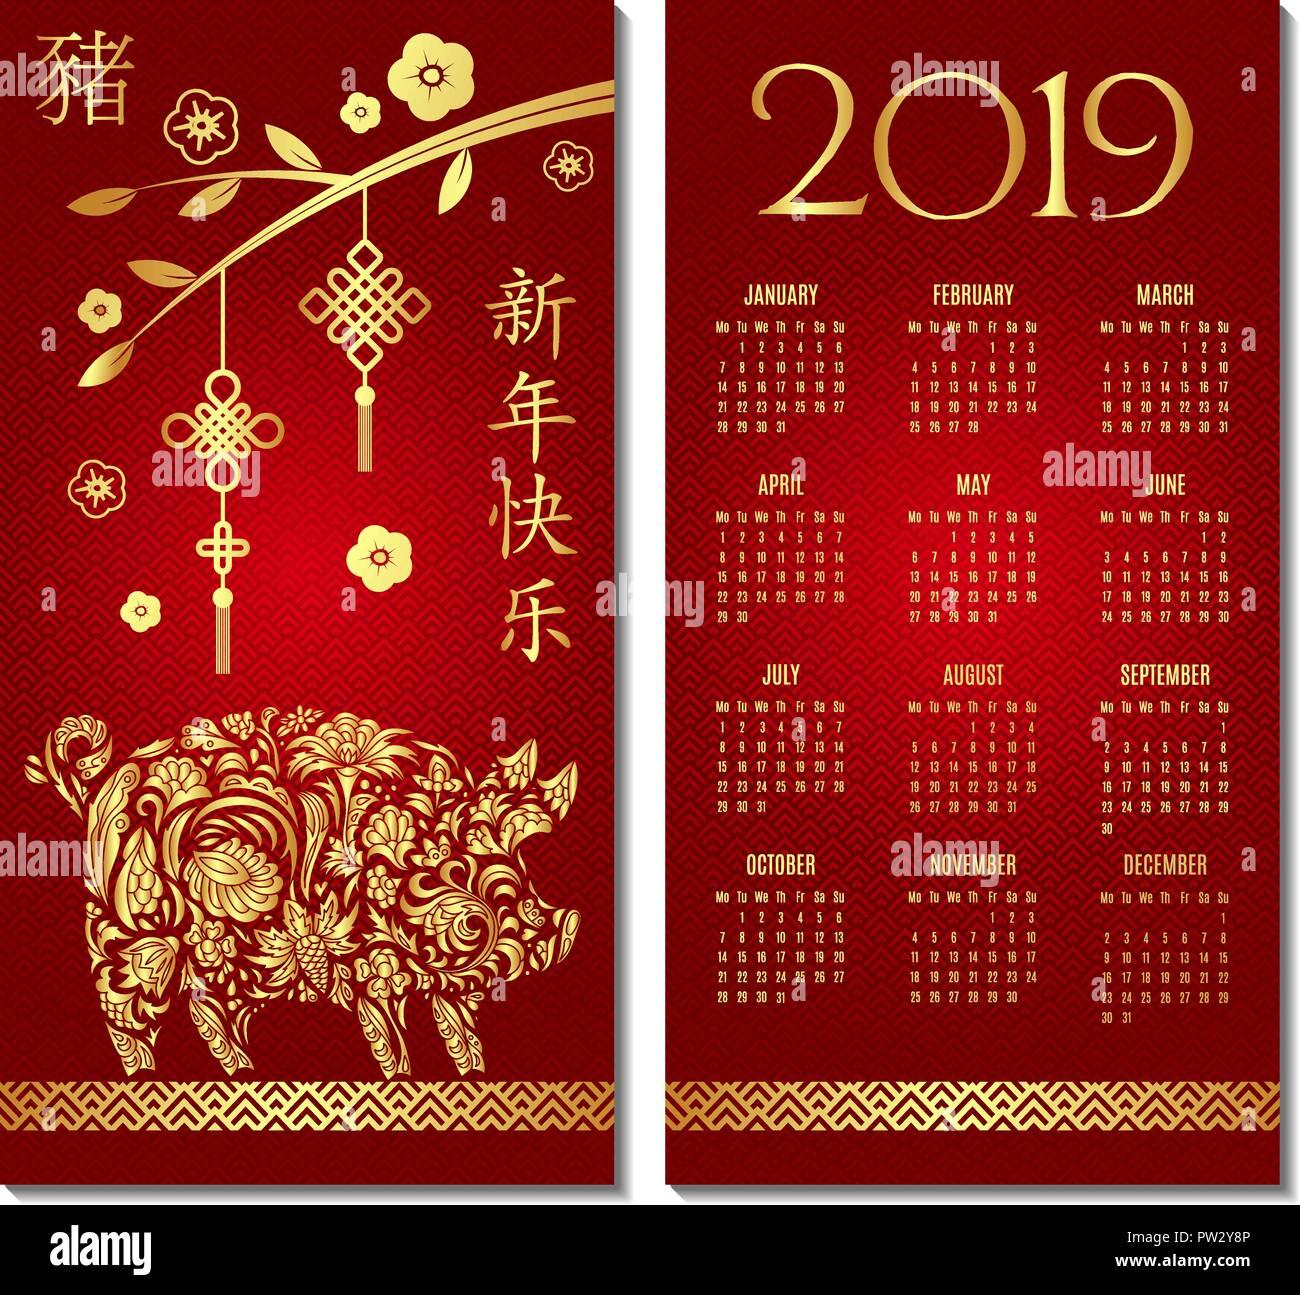 Kalender 2019, frohes neues Jahr, Chinesisches neues Jahr Grüße ...